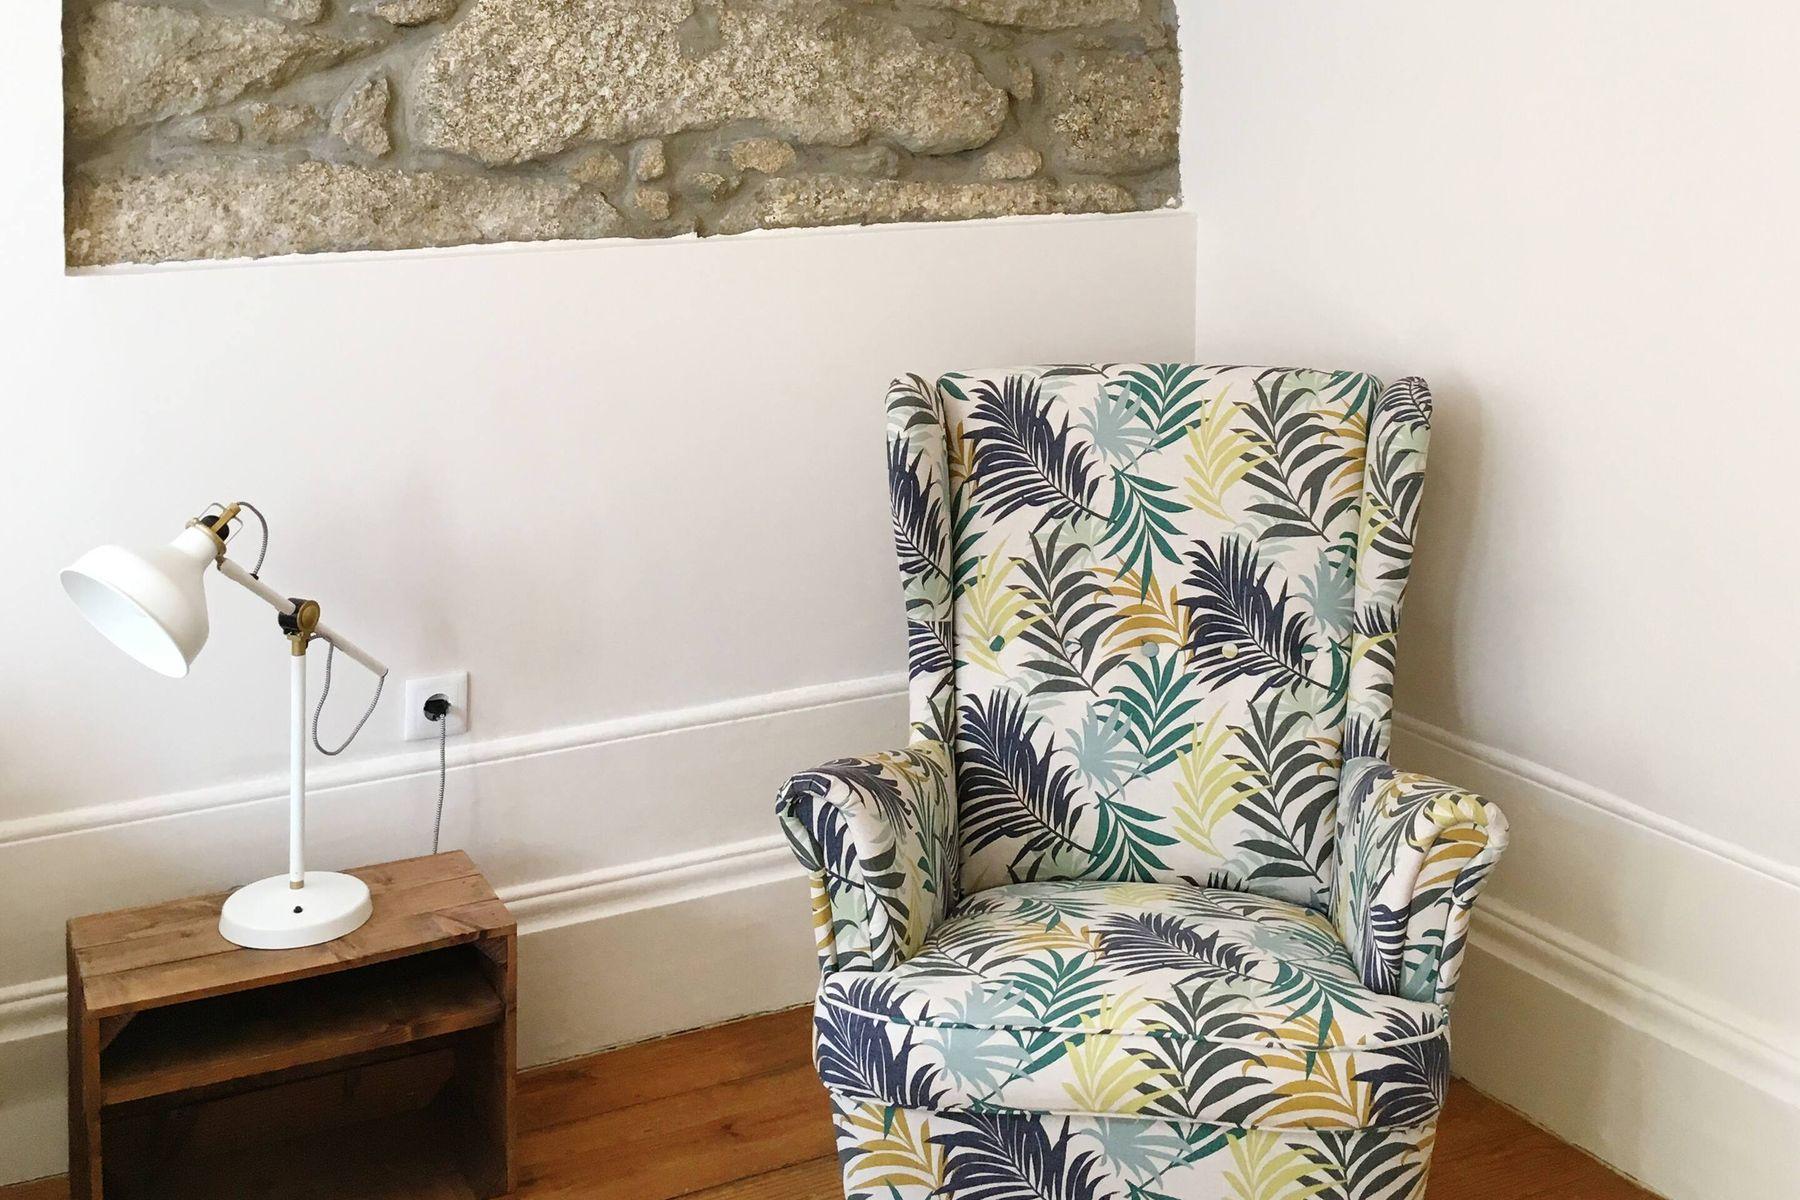 cách giặt ghế sofa tại nhà giá rẻ tiết kiệm và sạch đẹp như mới